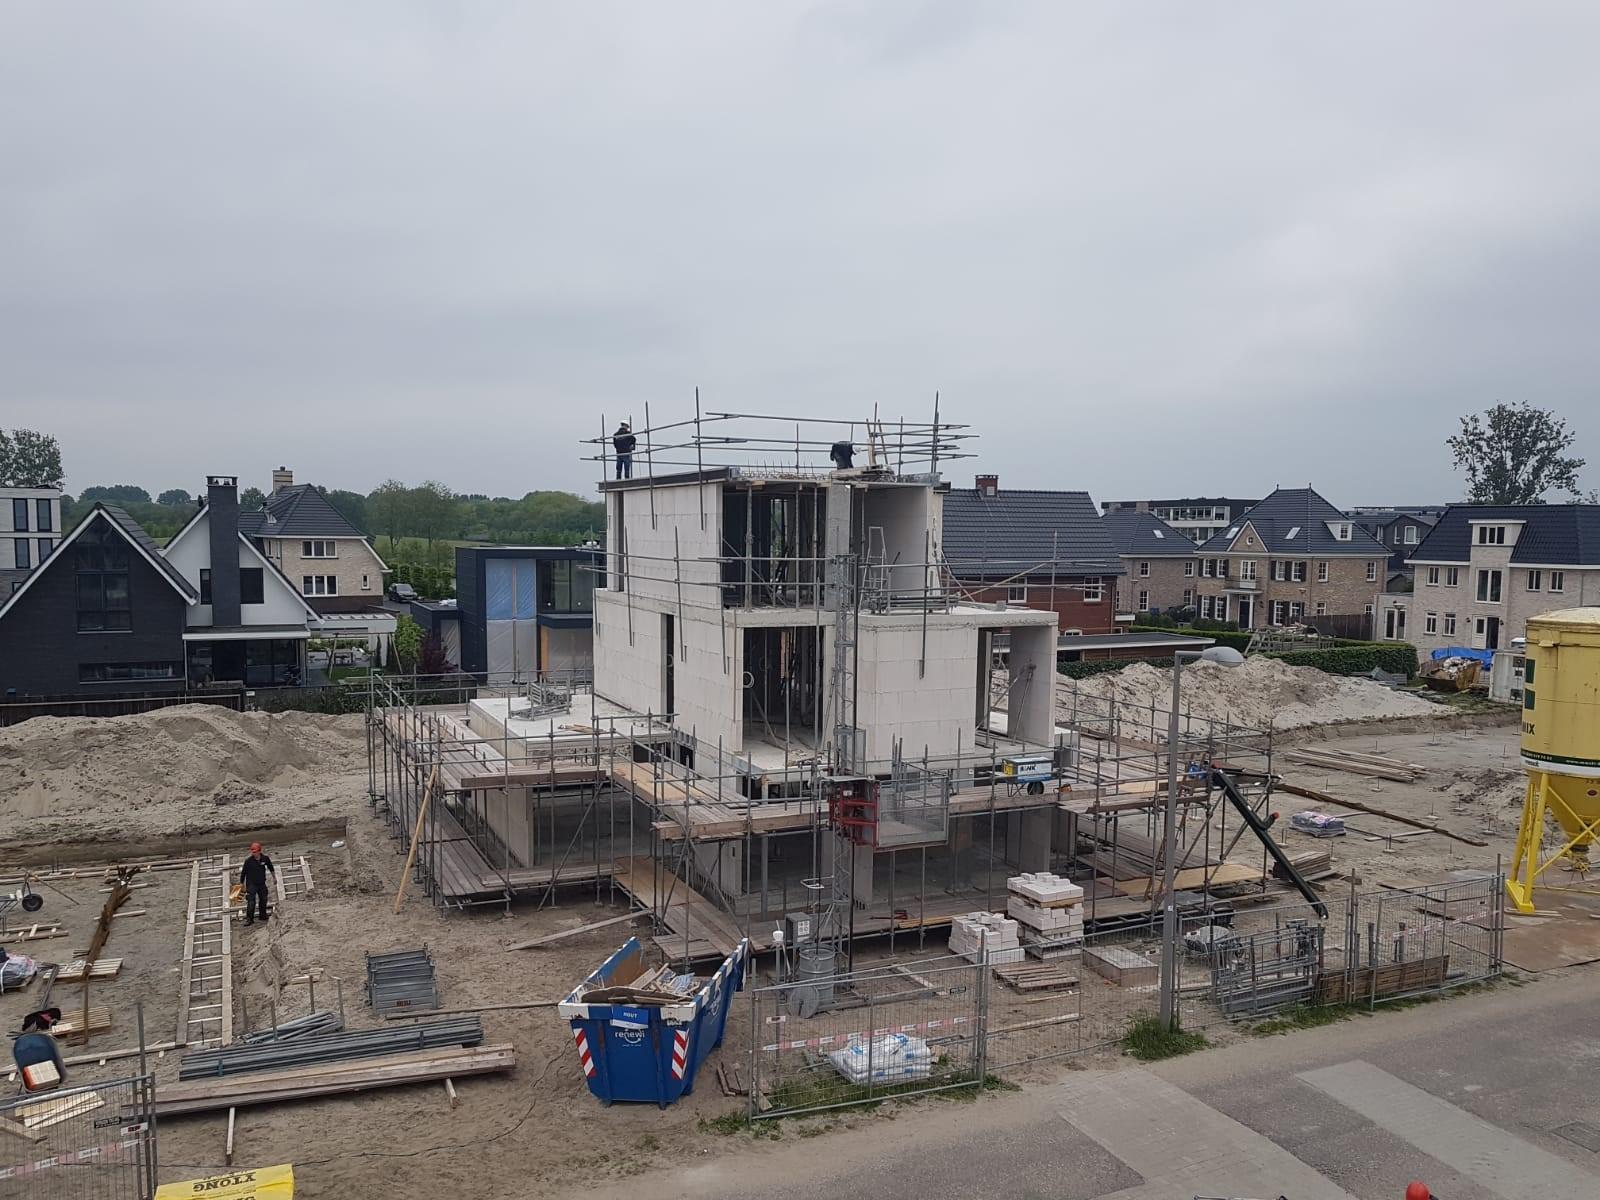 Bwnr. 5 (fase 1), kalkzandsteen binnenwanden gereed en werkzaamheden aan dakvloer